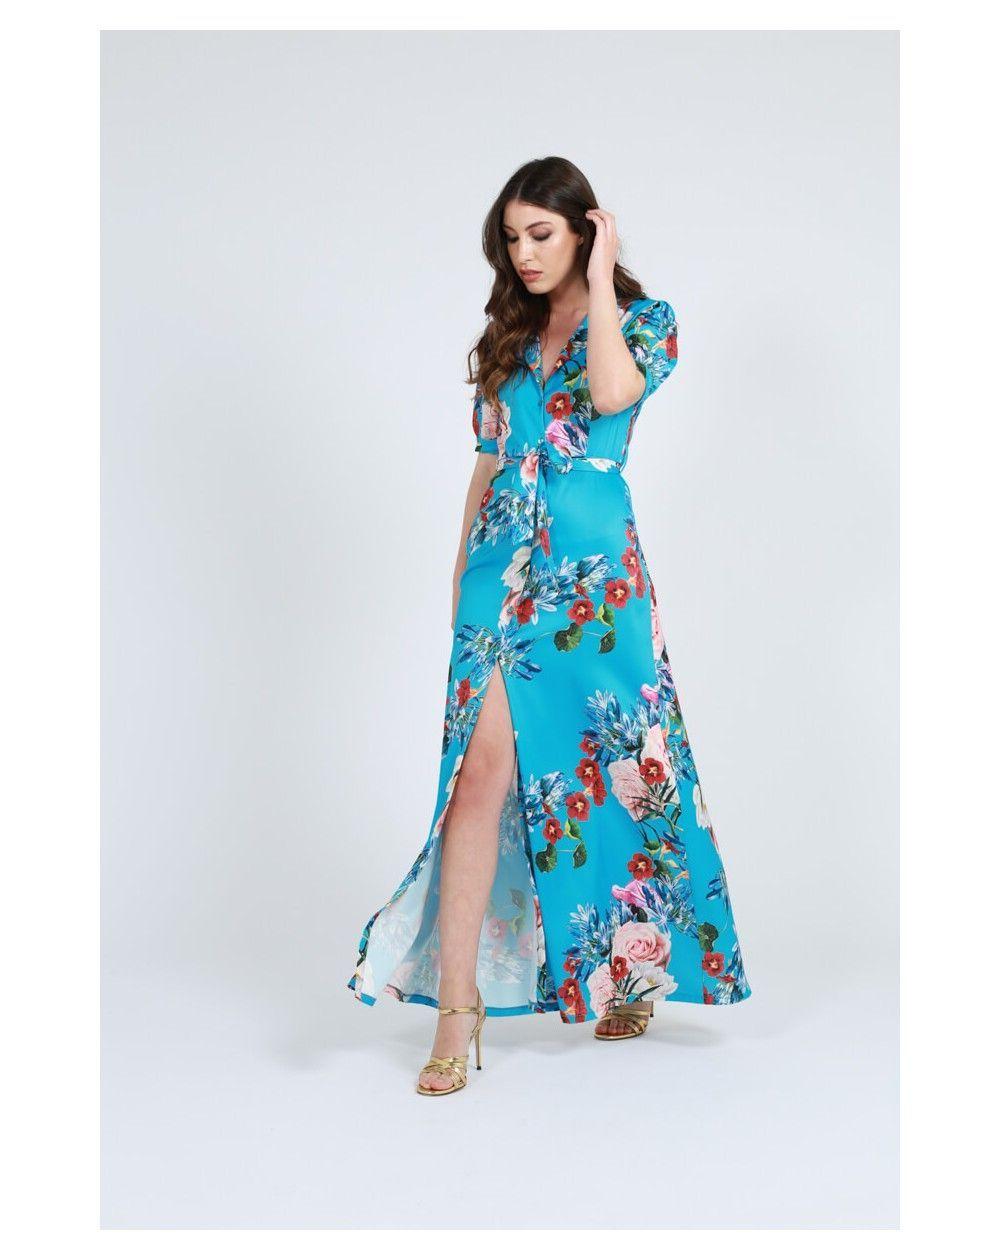 b5722467 Vestido largo con botones en la camisa y con estampado de flores y falda  abierta en color amarillo, blanco o turquesa.